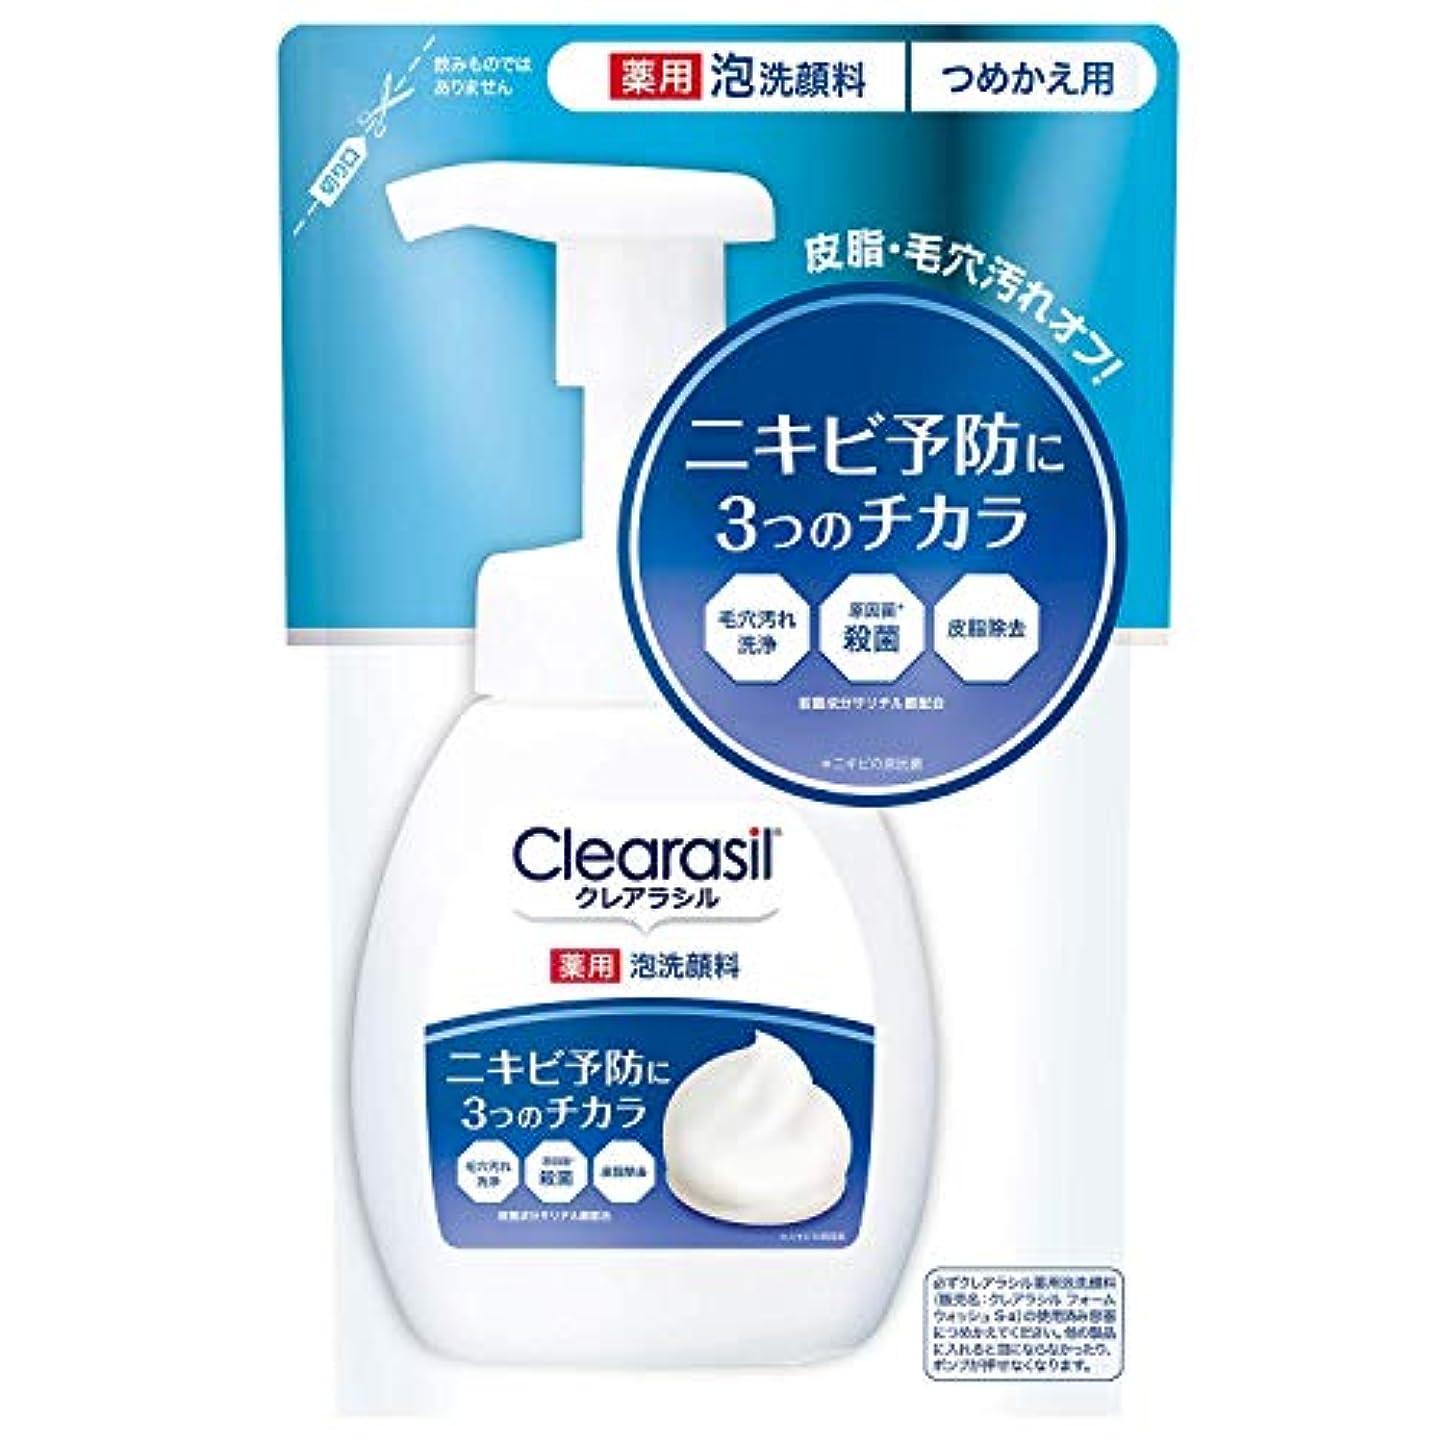 報いるワイプおいしい【clearasil】クレアラシル 薬用泡洗顔フォーム10 つめかえ用 (180ml) ×10個セット